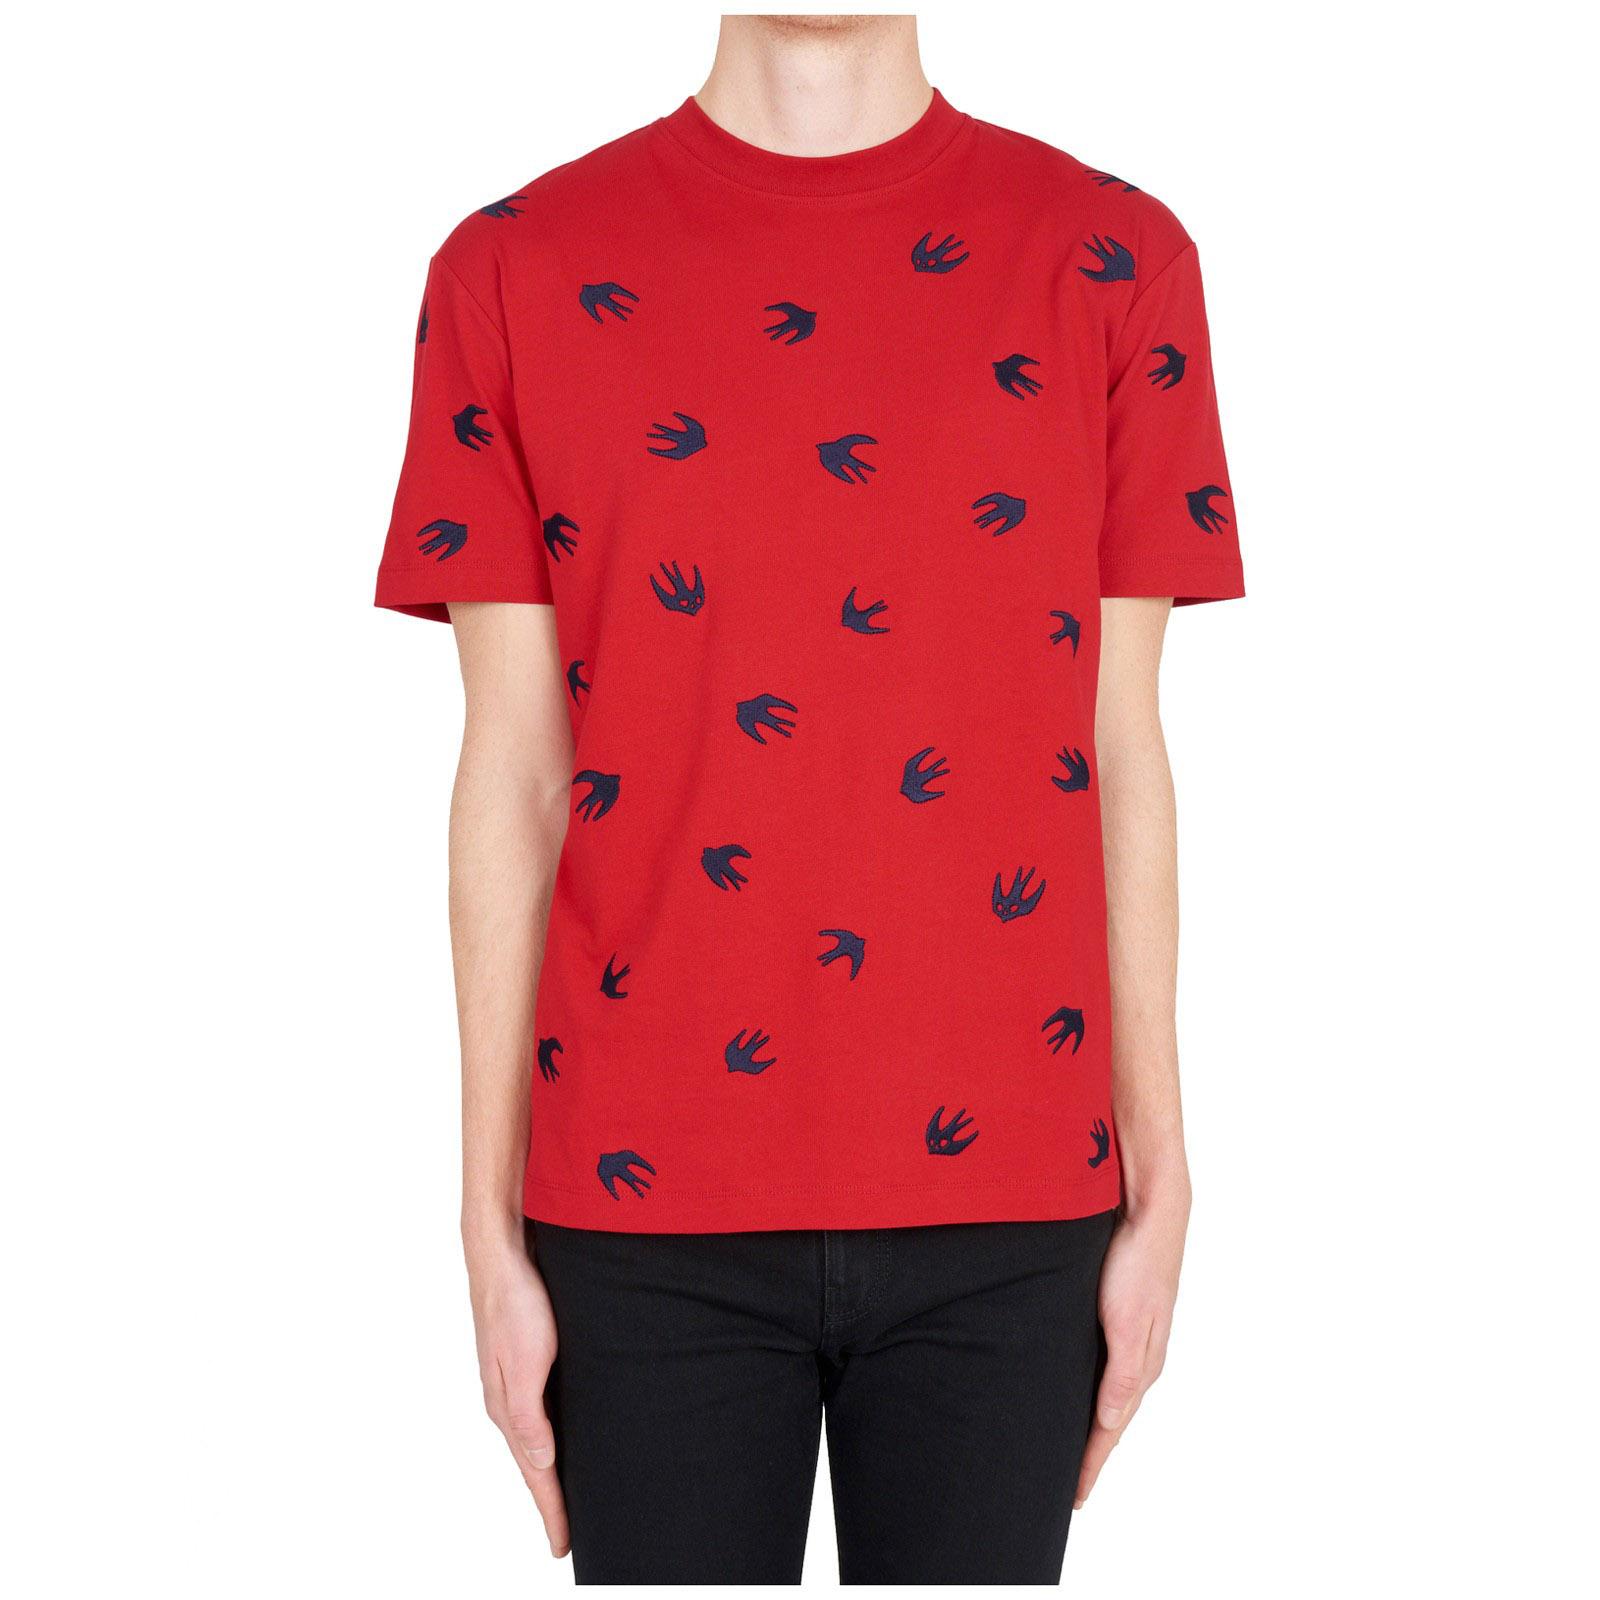 T-shirt maglia maniche corte girocollo uomo swallow